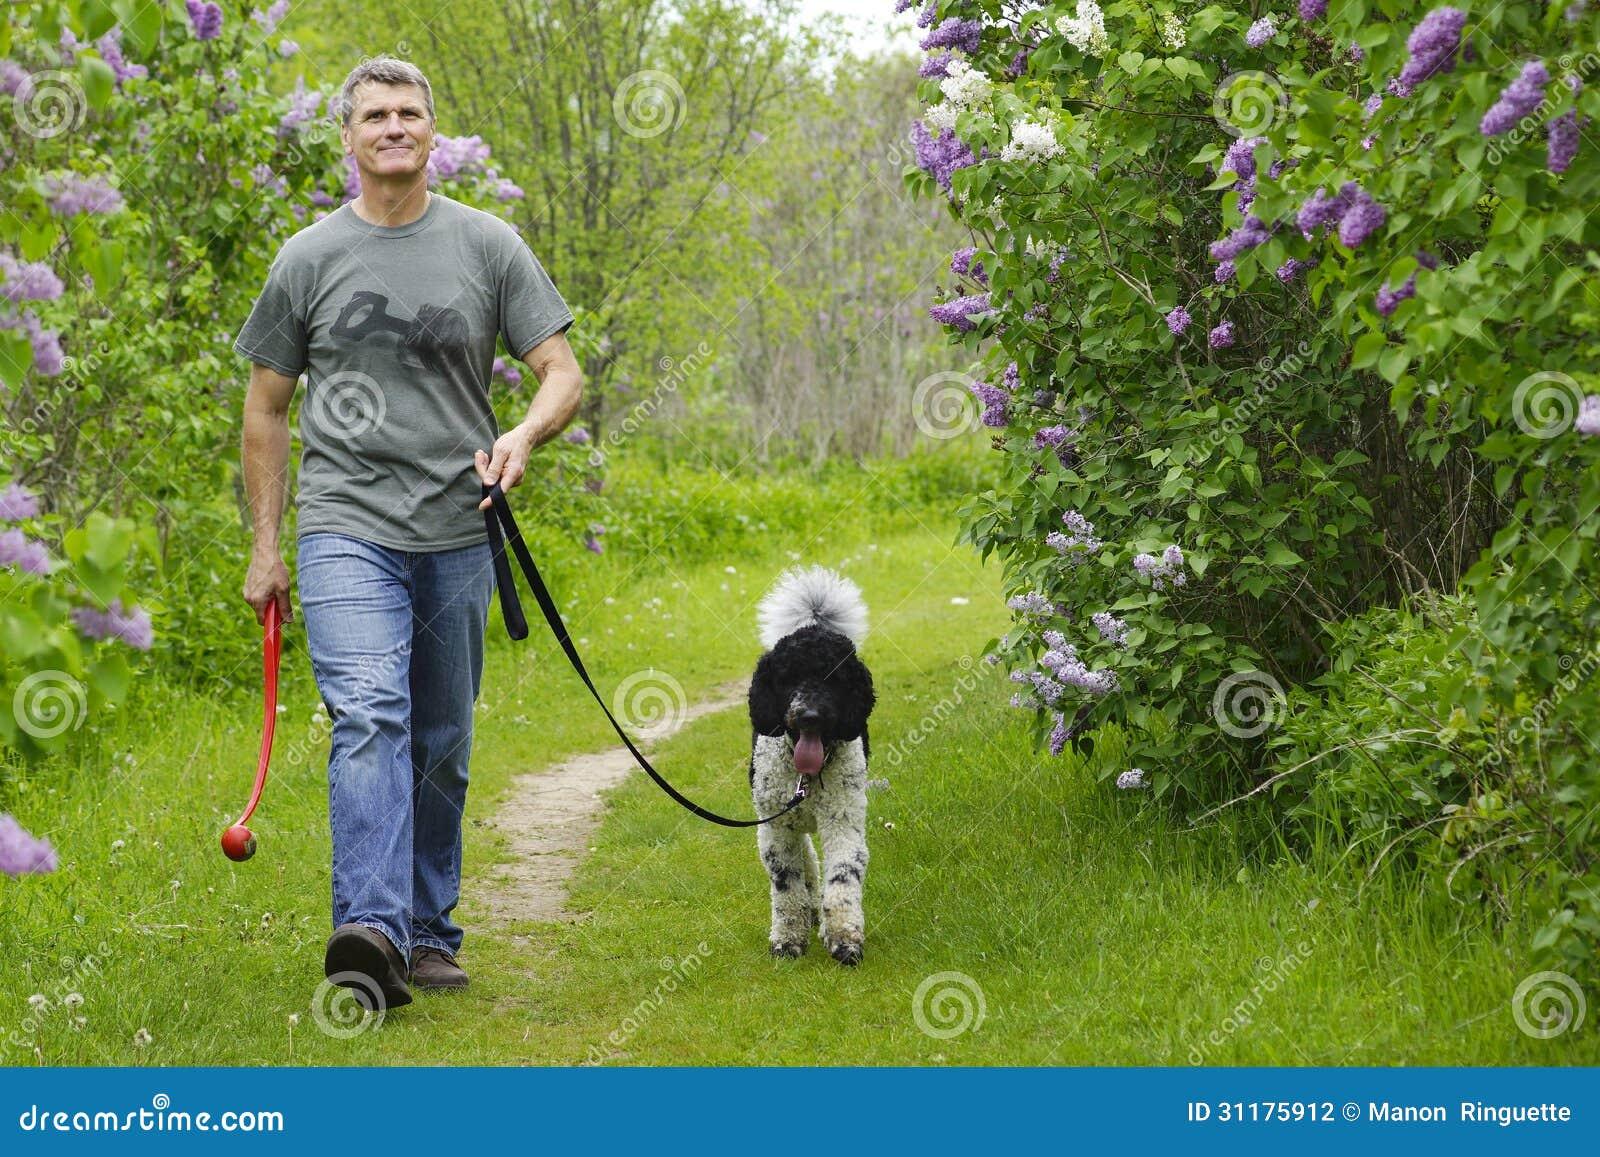 Man Walking Dog : Man walking dog in countryside stock photography image